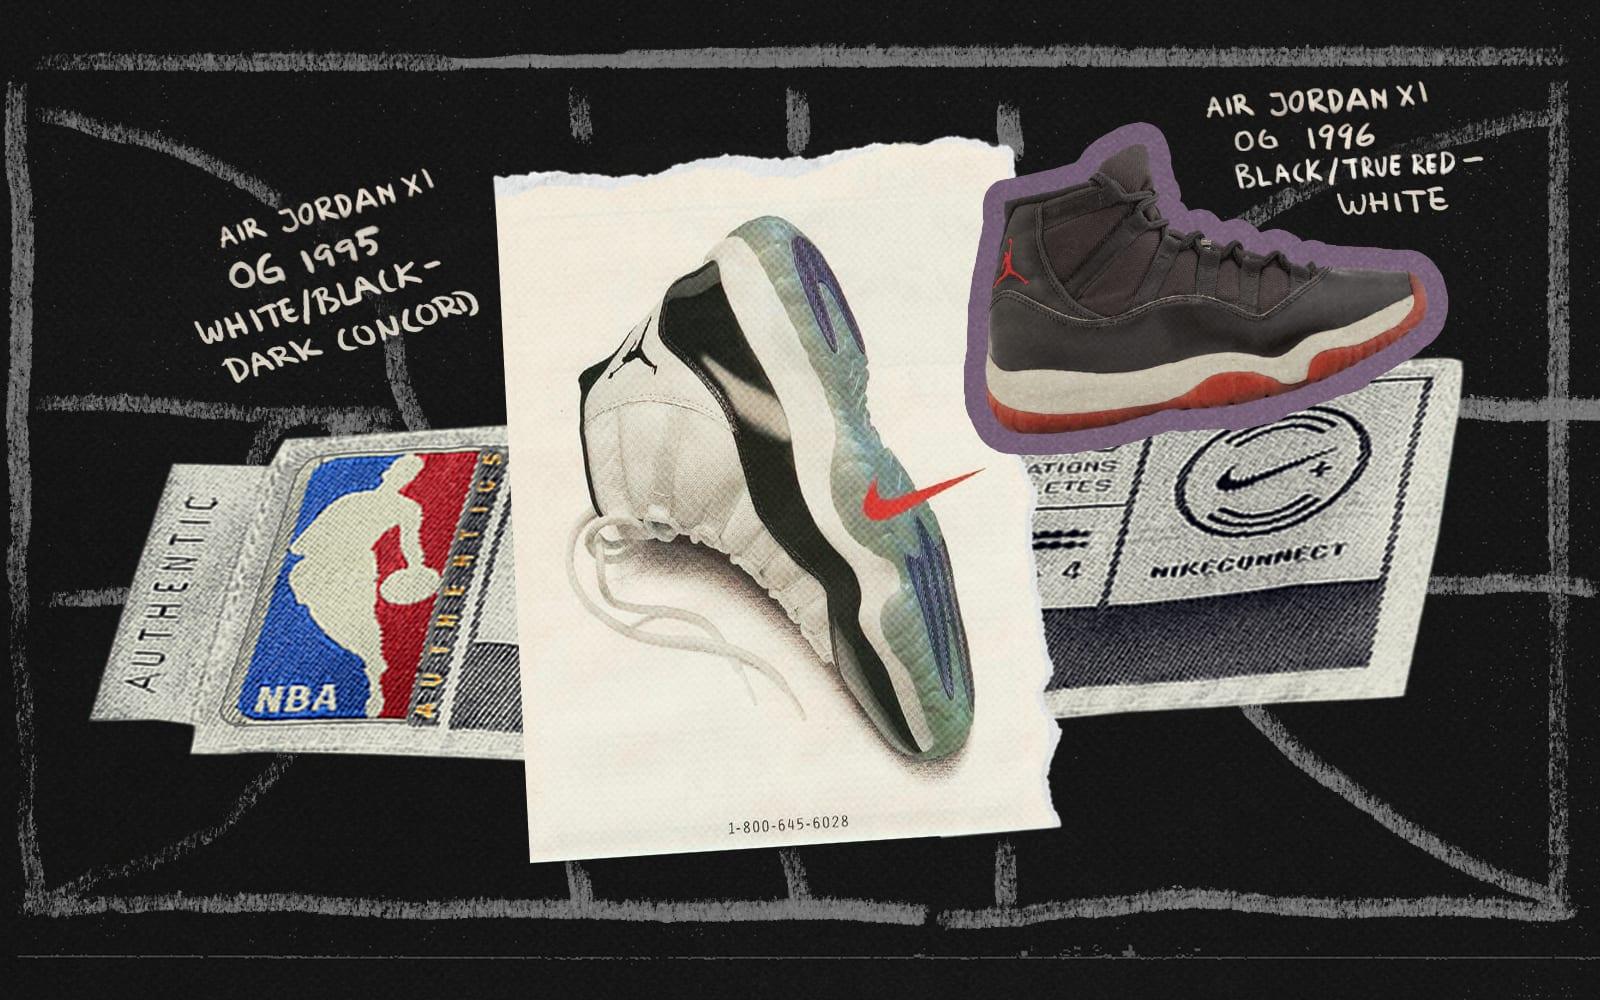 The Story of Michael Jordan's Favorite Sneaker: The Air Jordan 11 - scrapbook collage of Air Jordan imagery